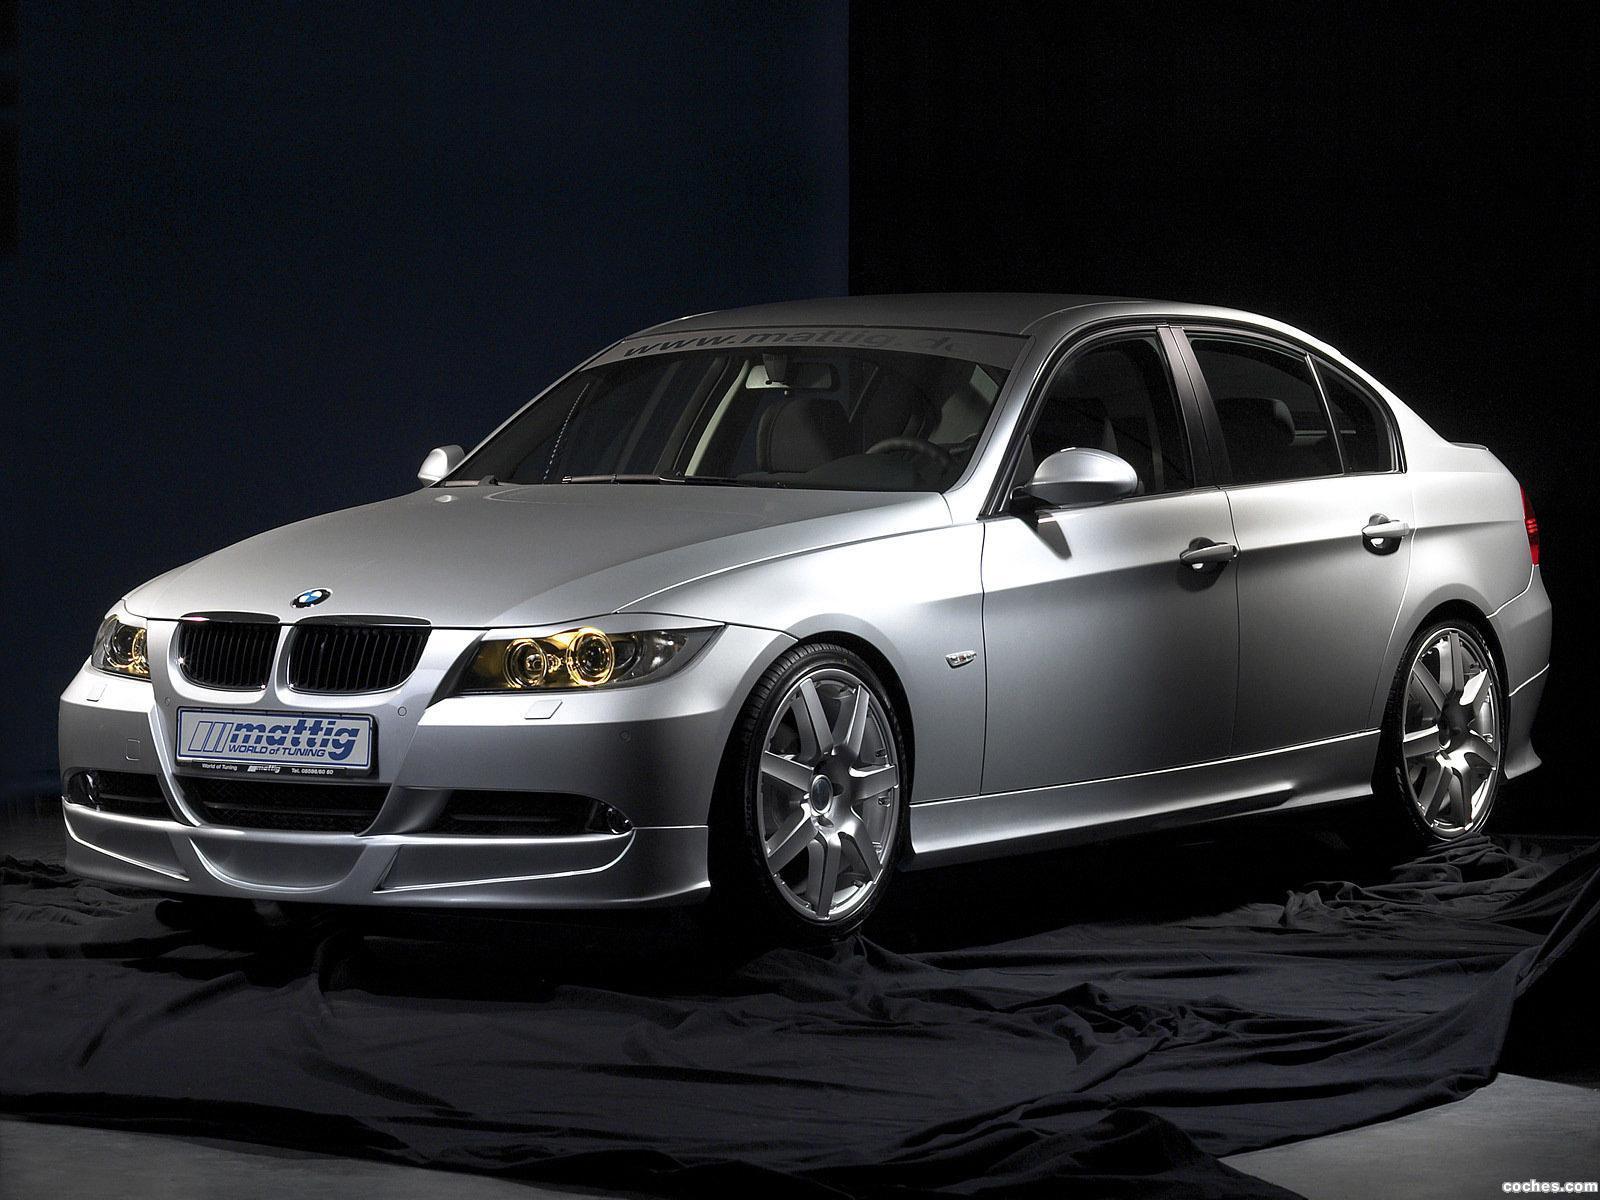 Foto 0 de BMW Serie 3 Sedan Mattig E90 2011